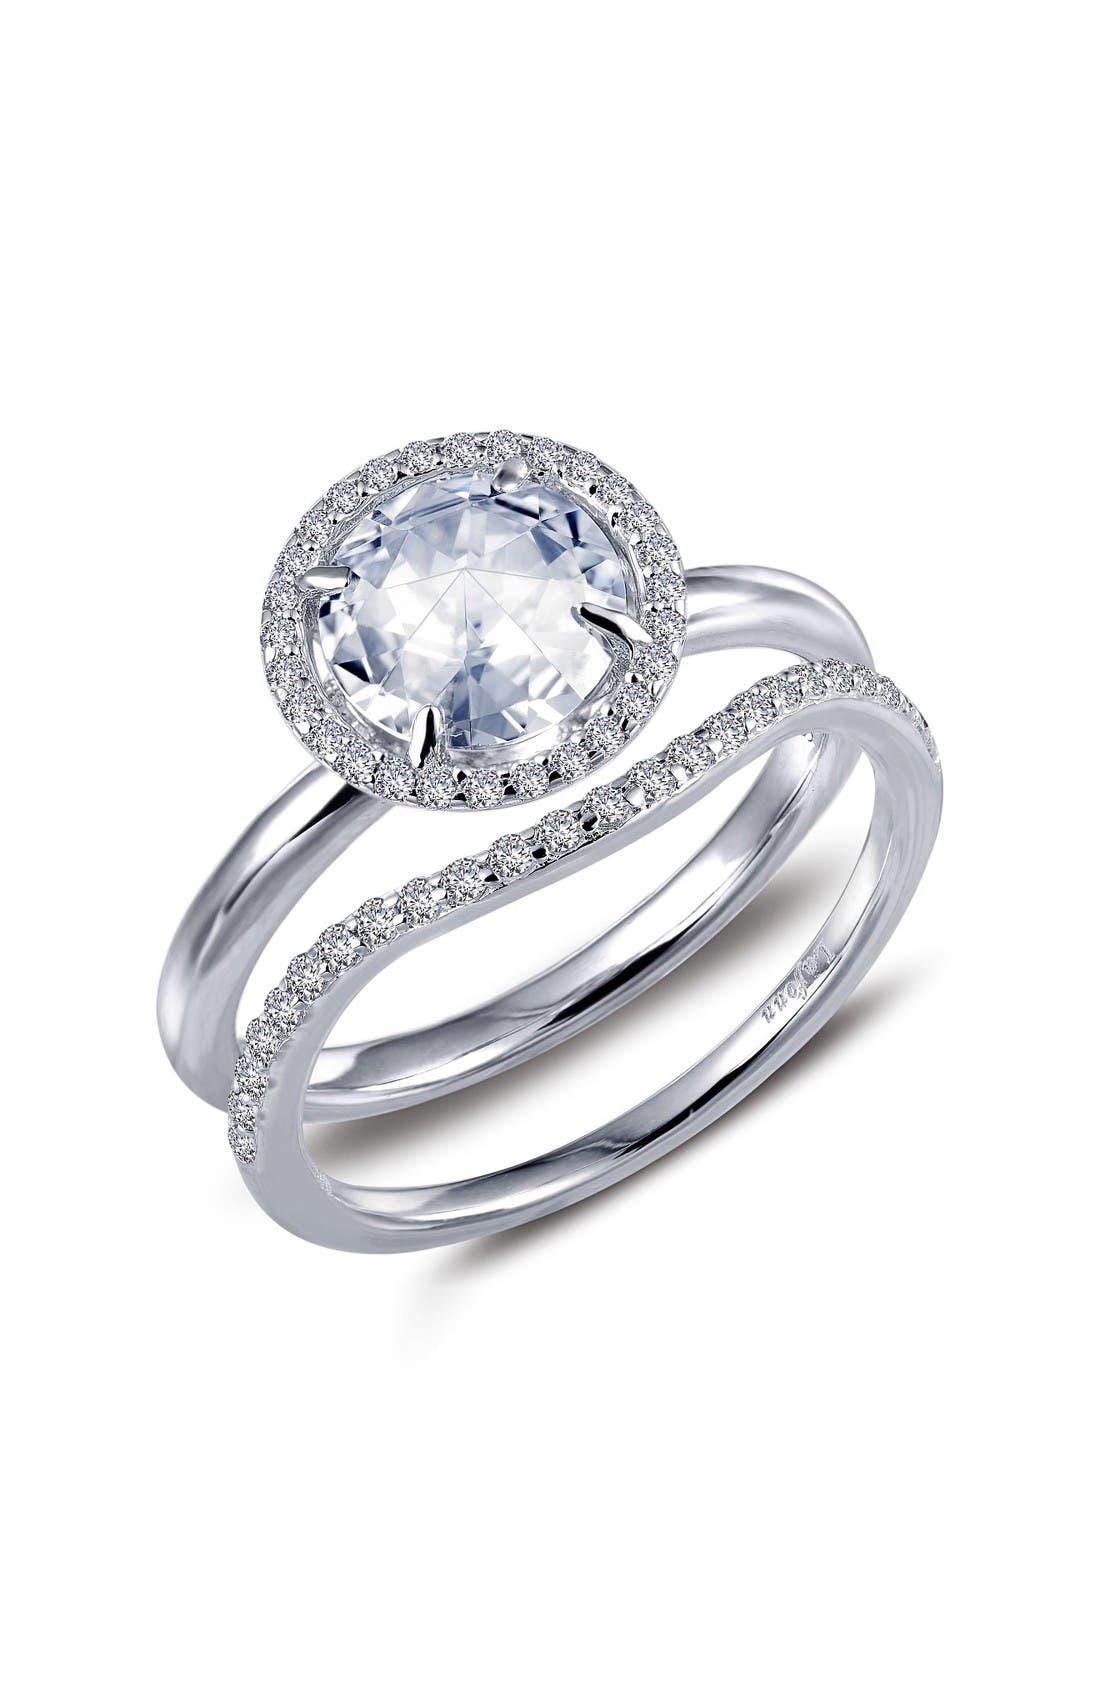 Rose Cut Simulated Diamond Ring & Band,                             Main thumbnail 1, color,                             Silver